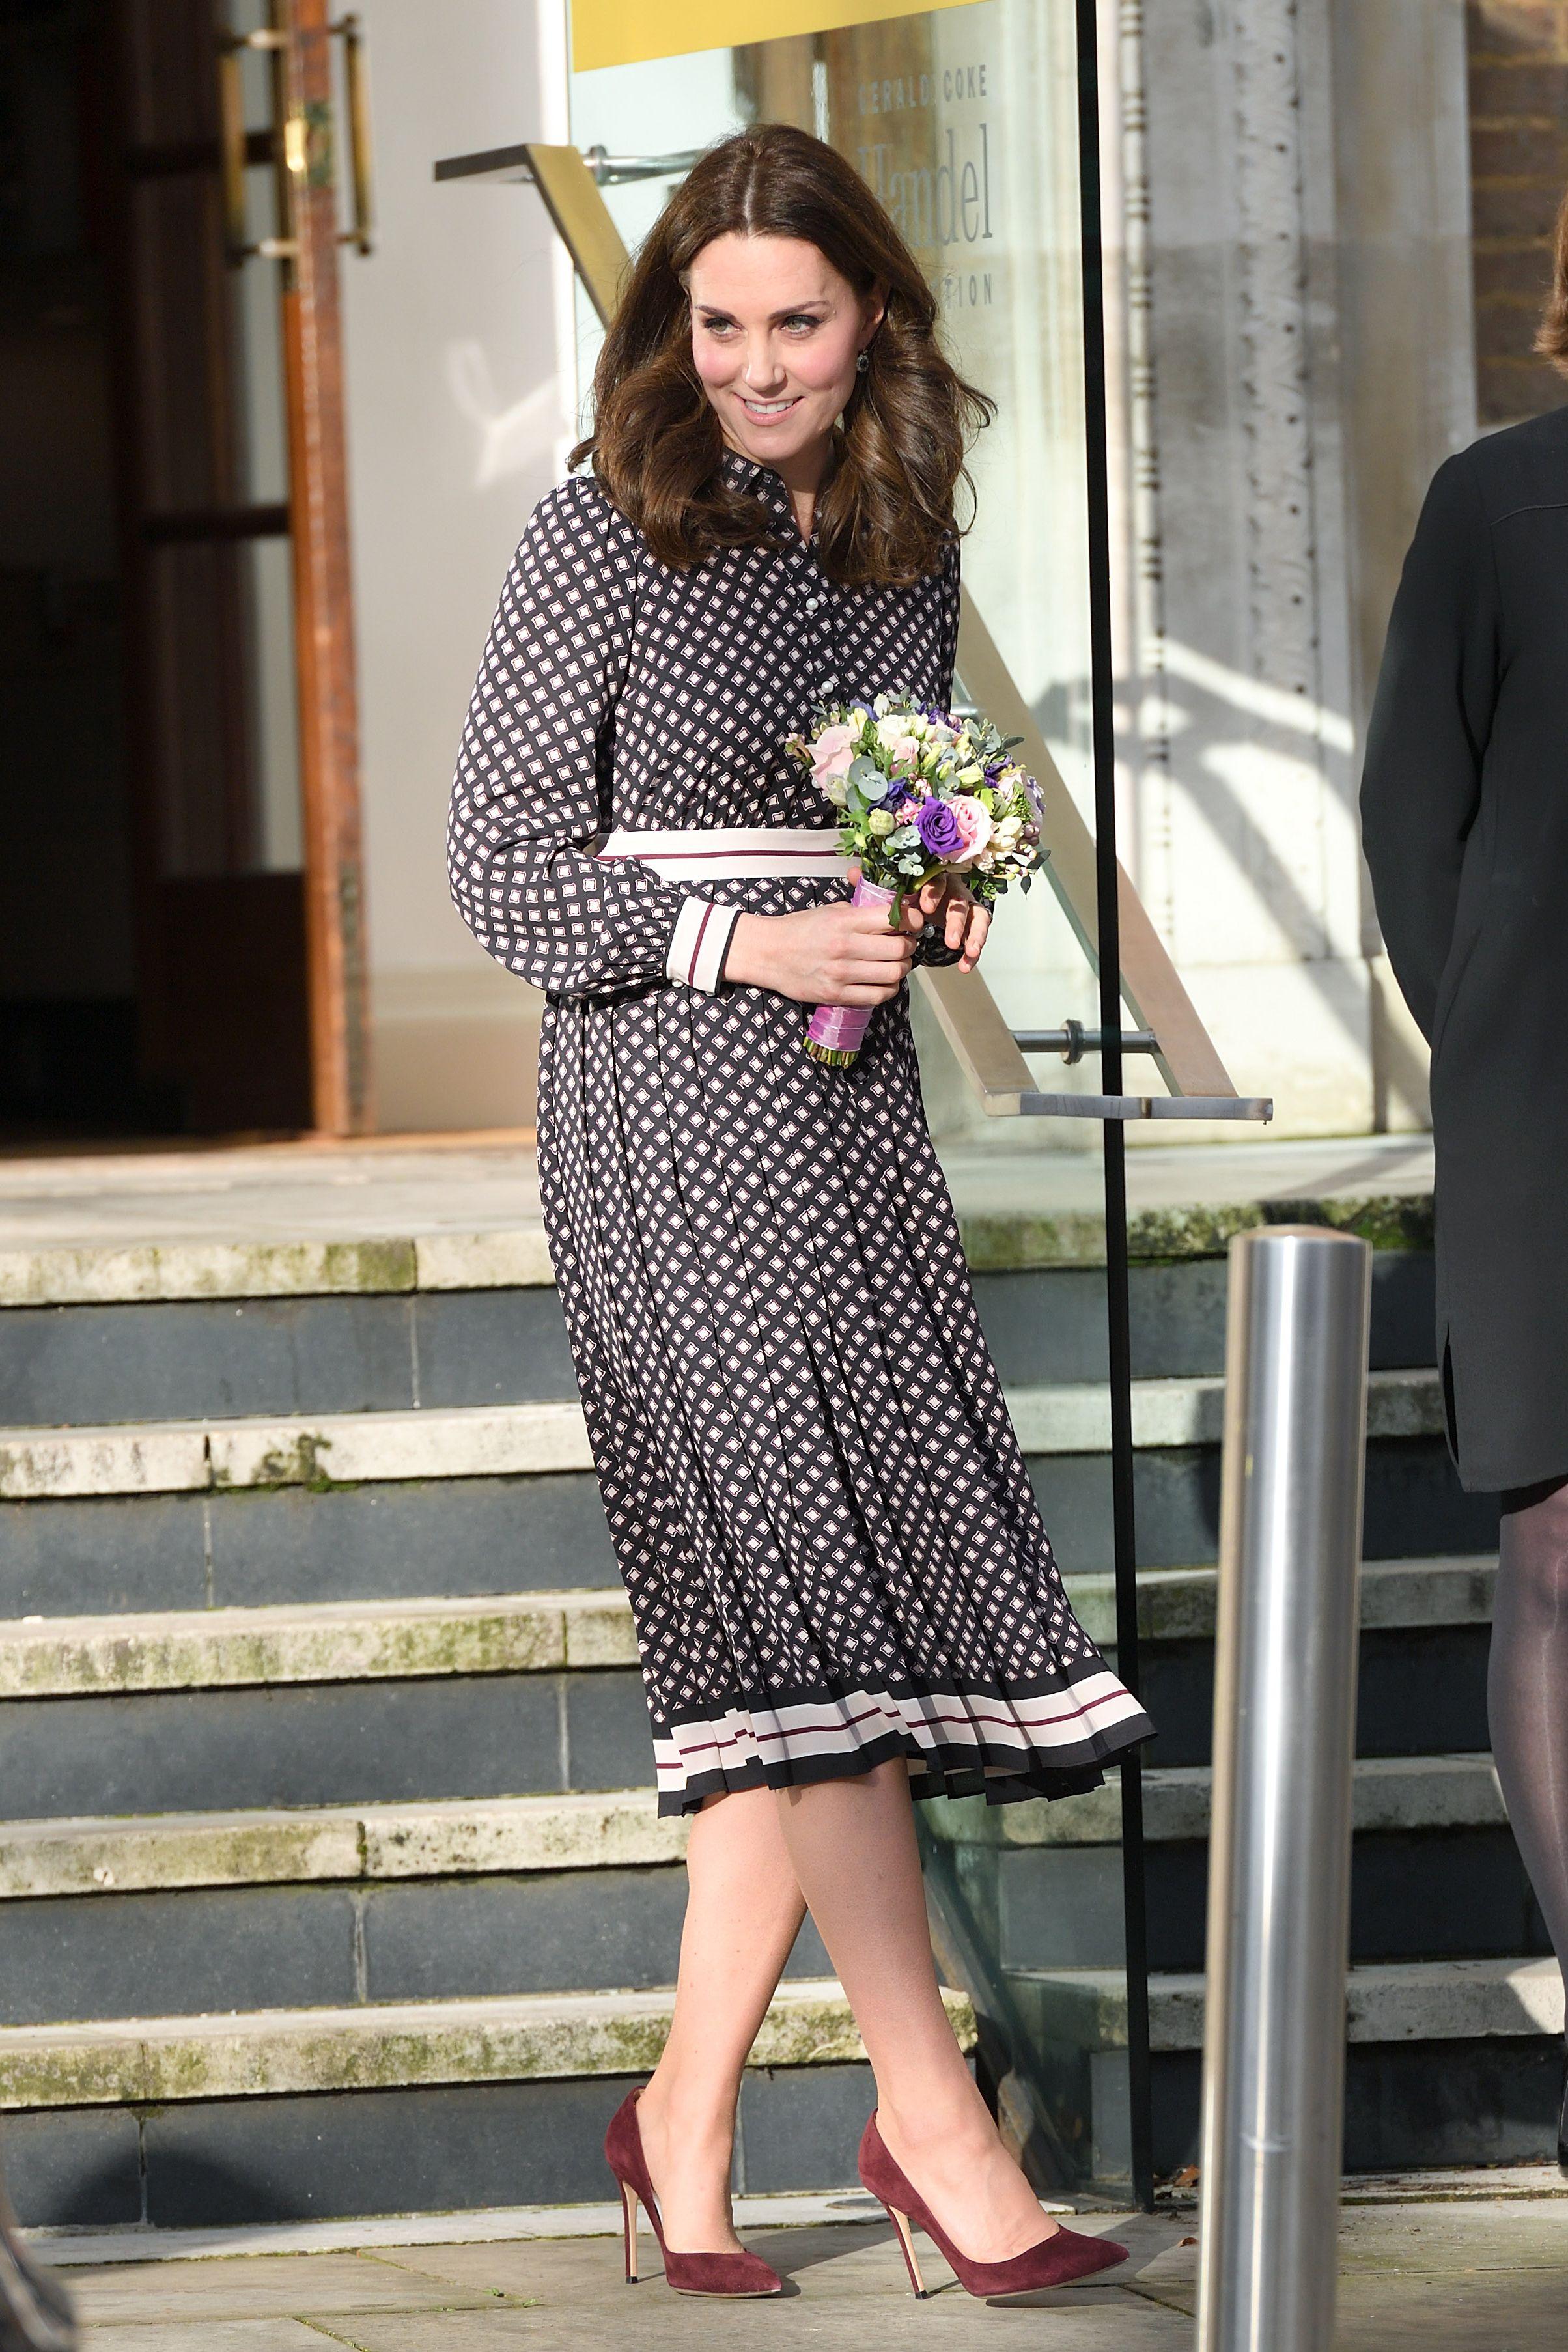 Kate Middleton wearing a Kate Spade design.